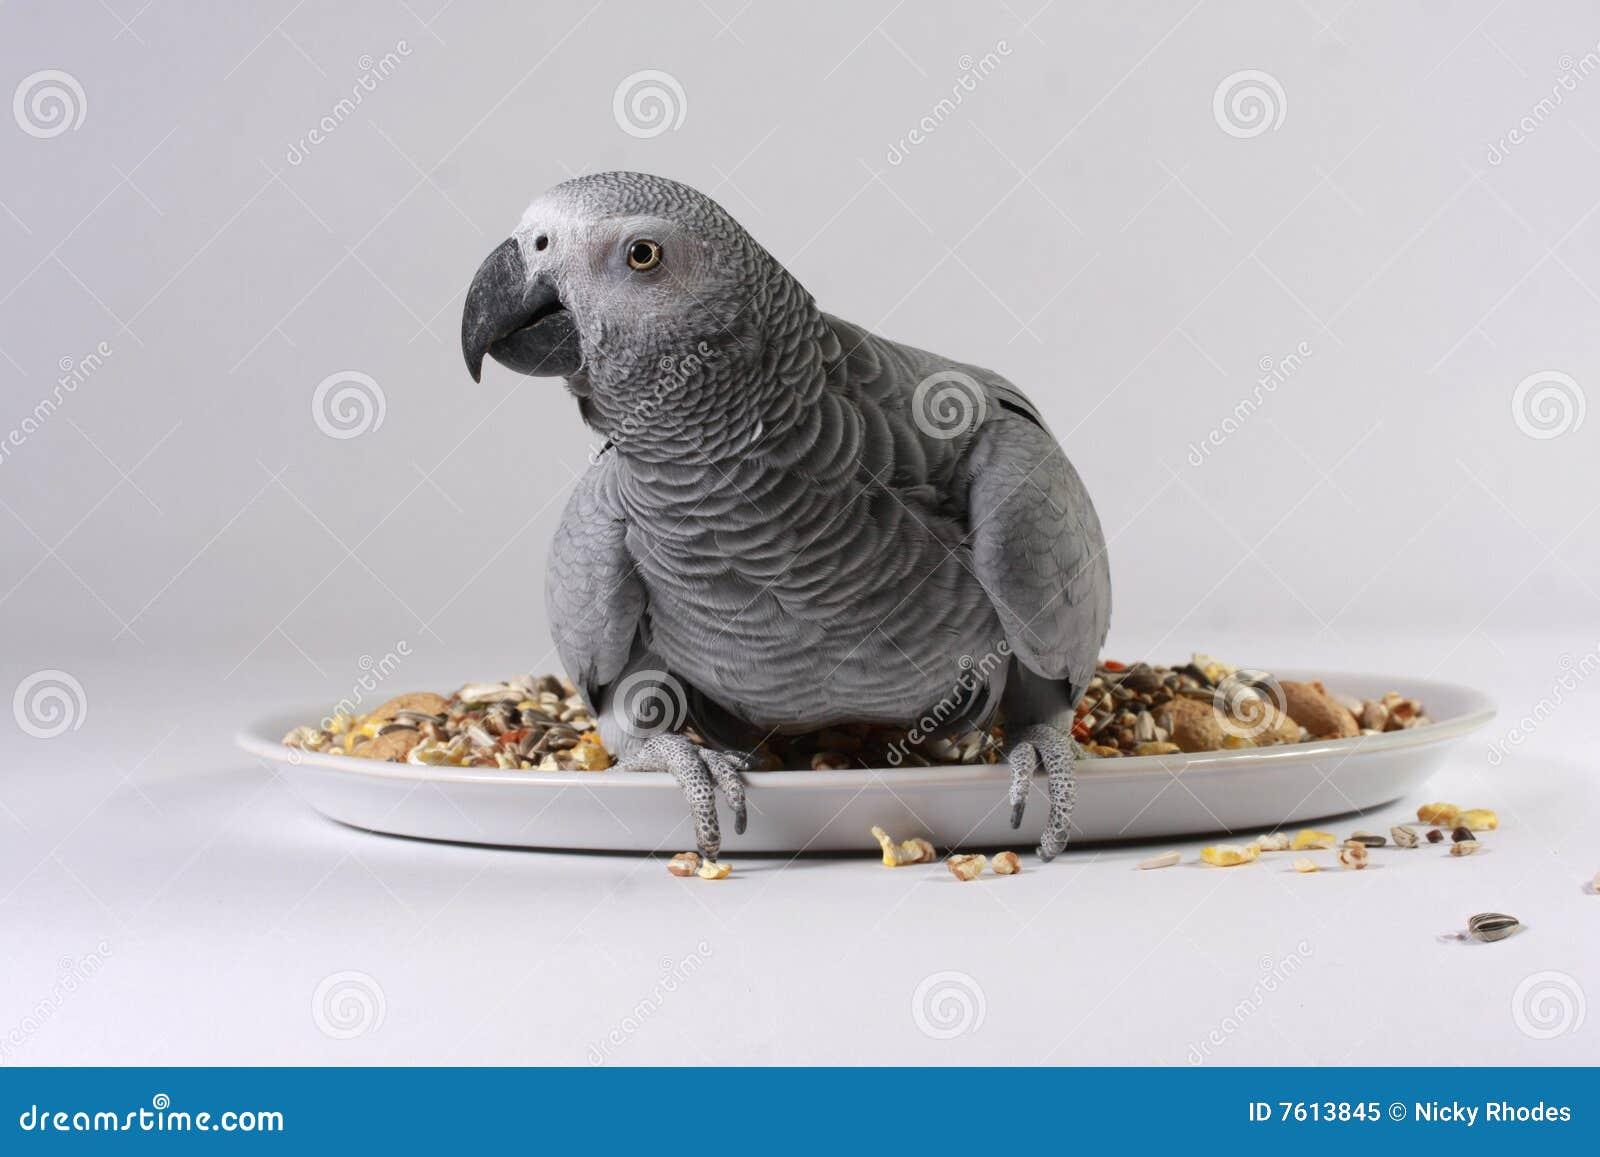 Afrikanisches Grau-Papagei mit Startwert für Zufallsgenerator